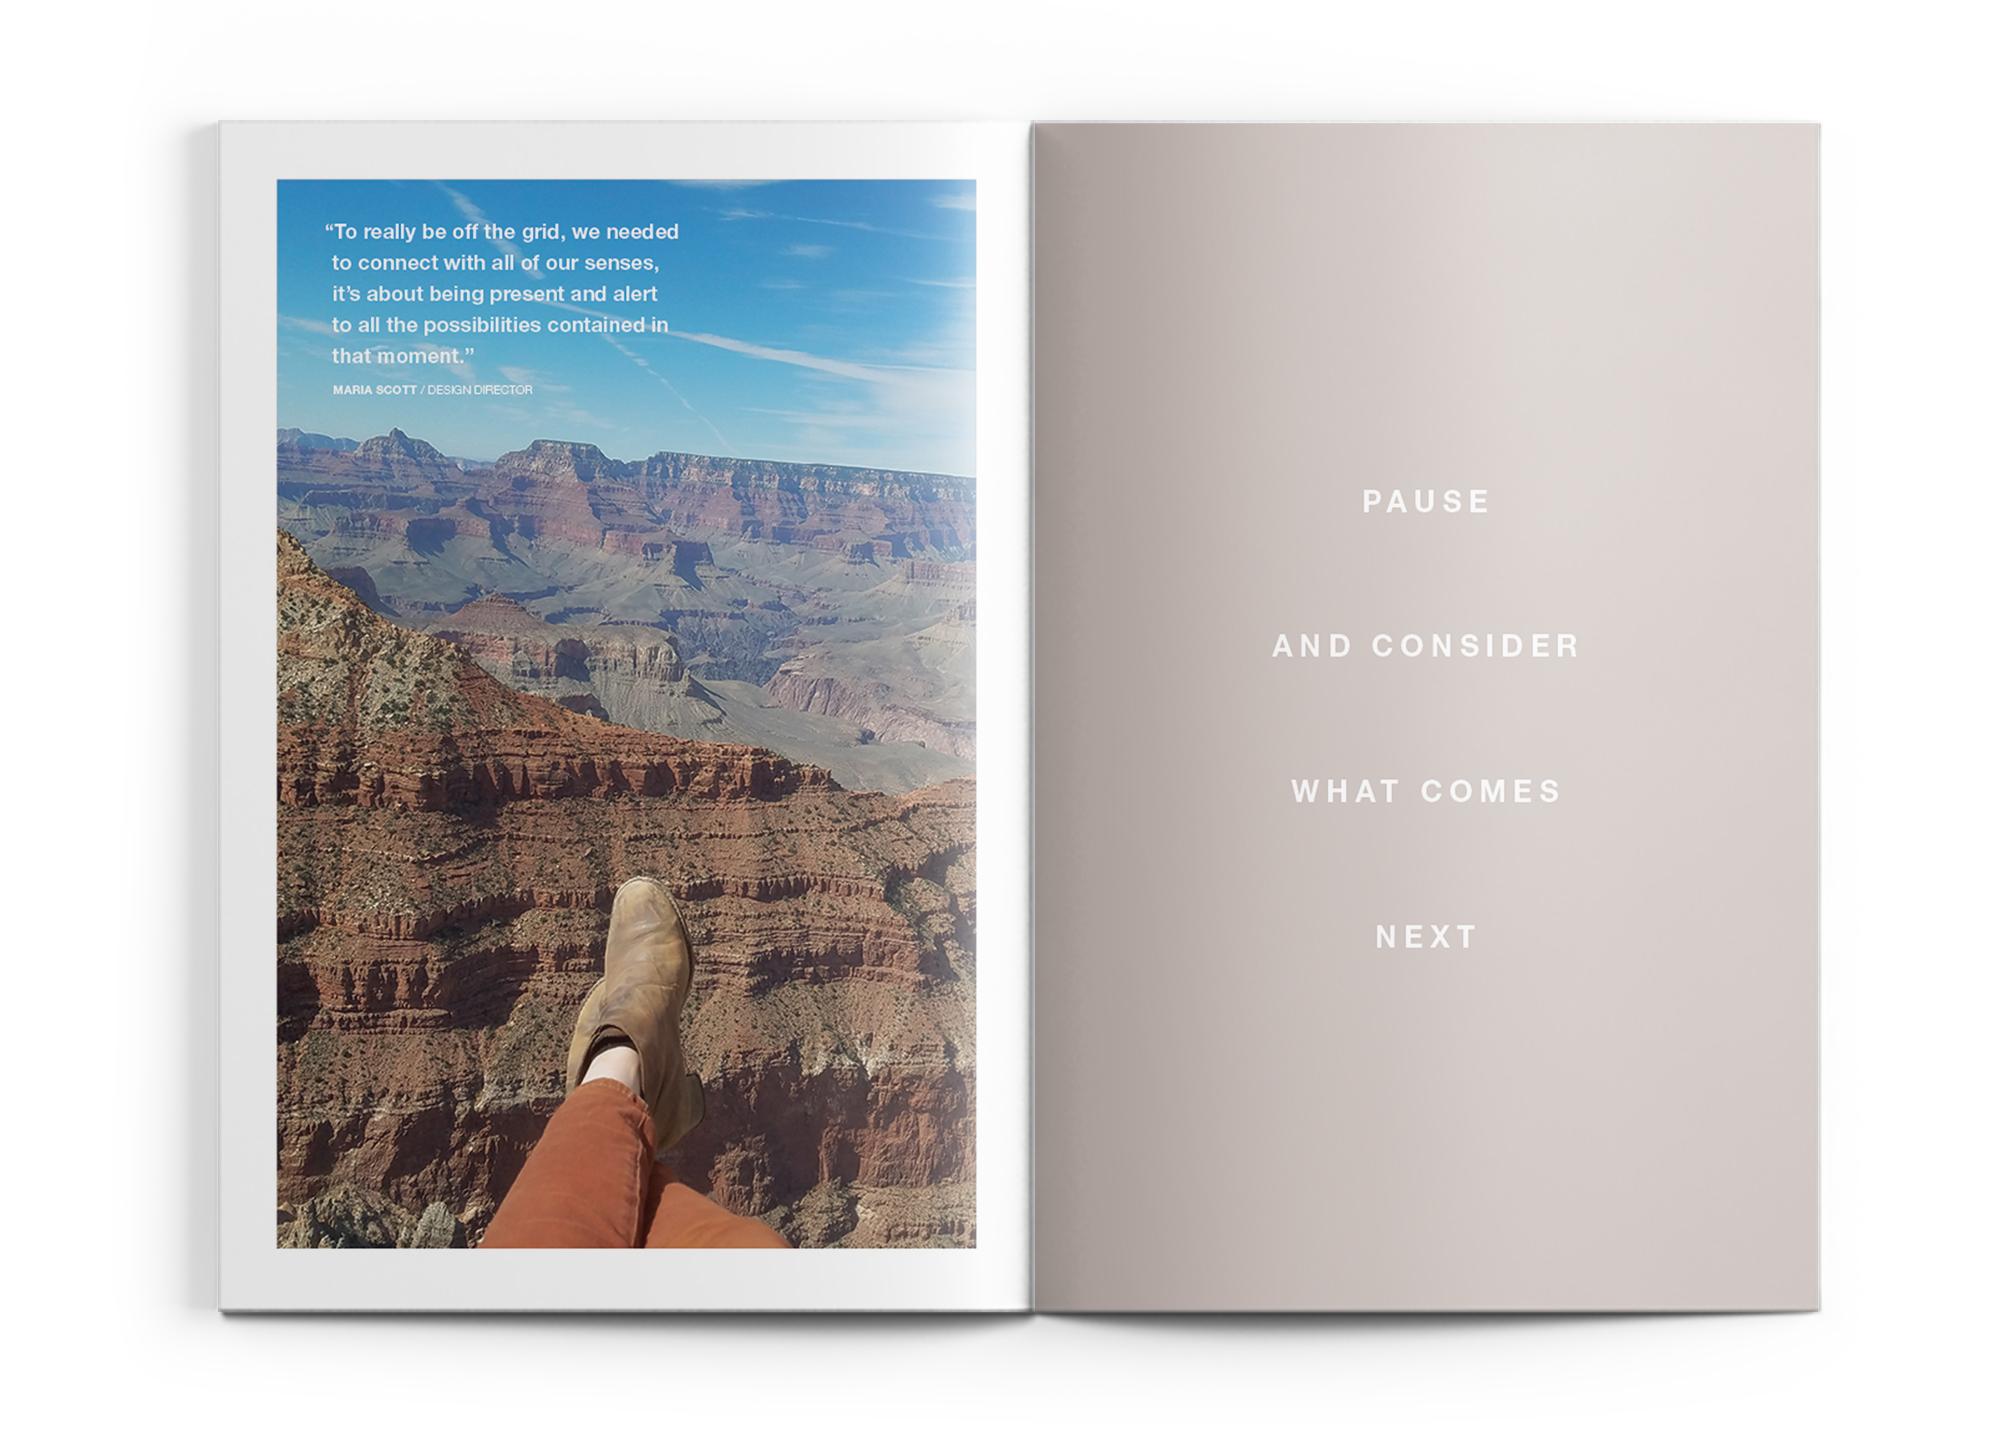 Magazine Mockup WEB Large9.jpg